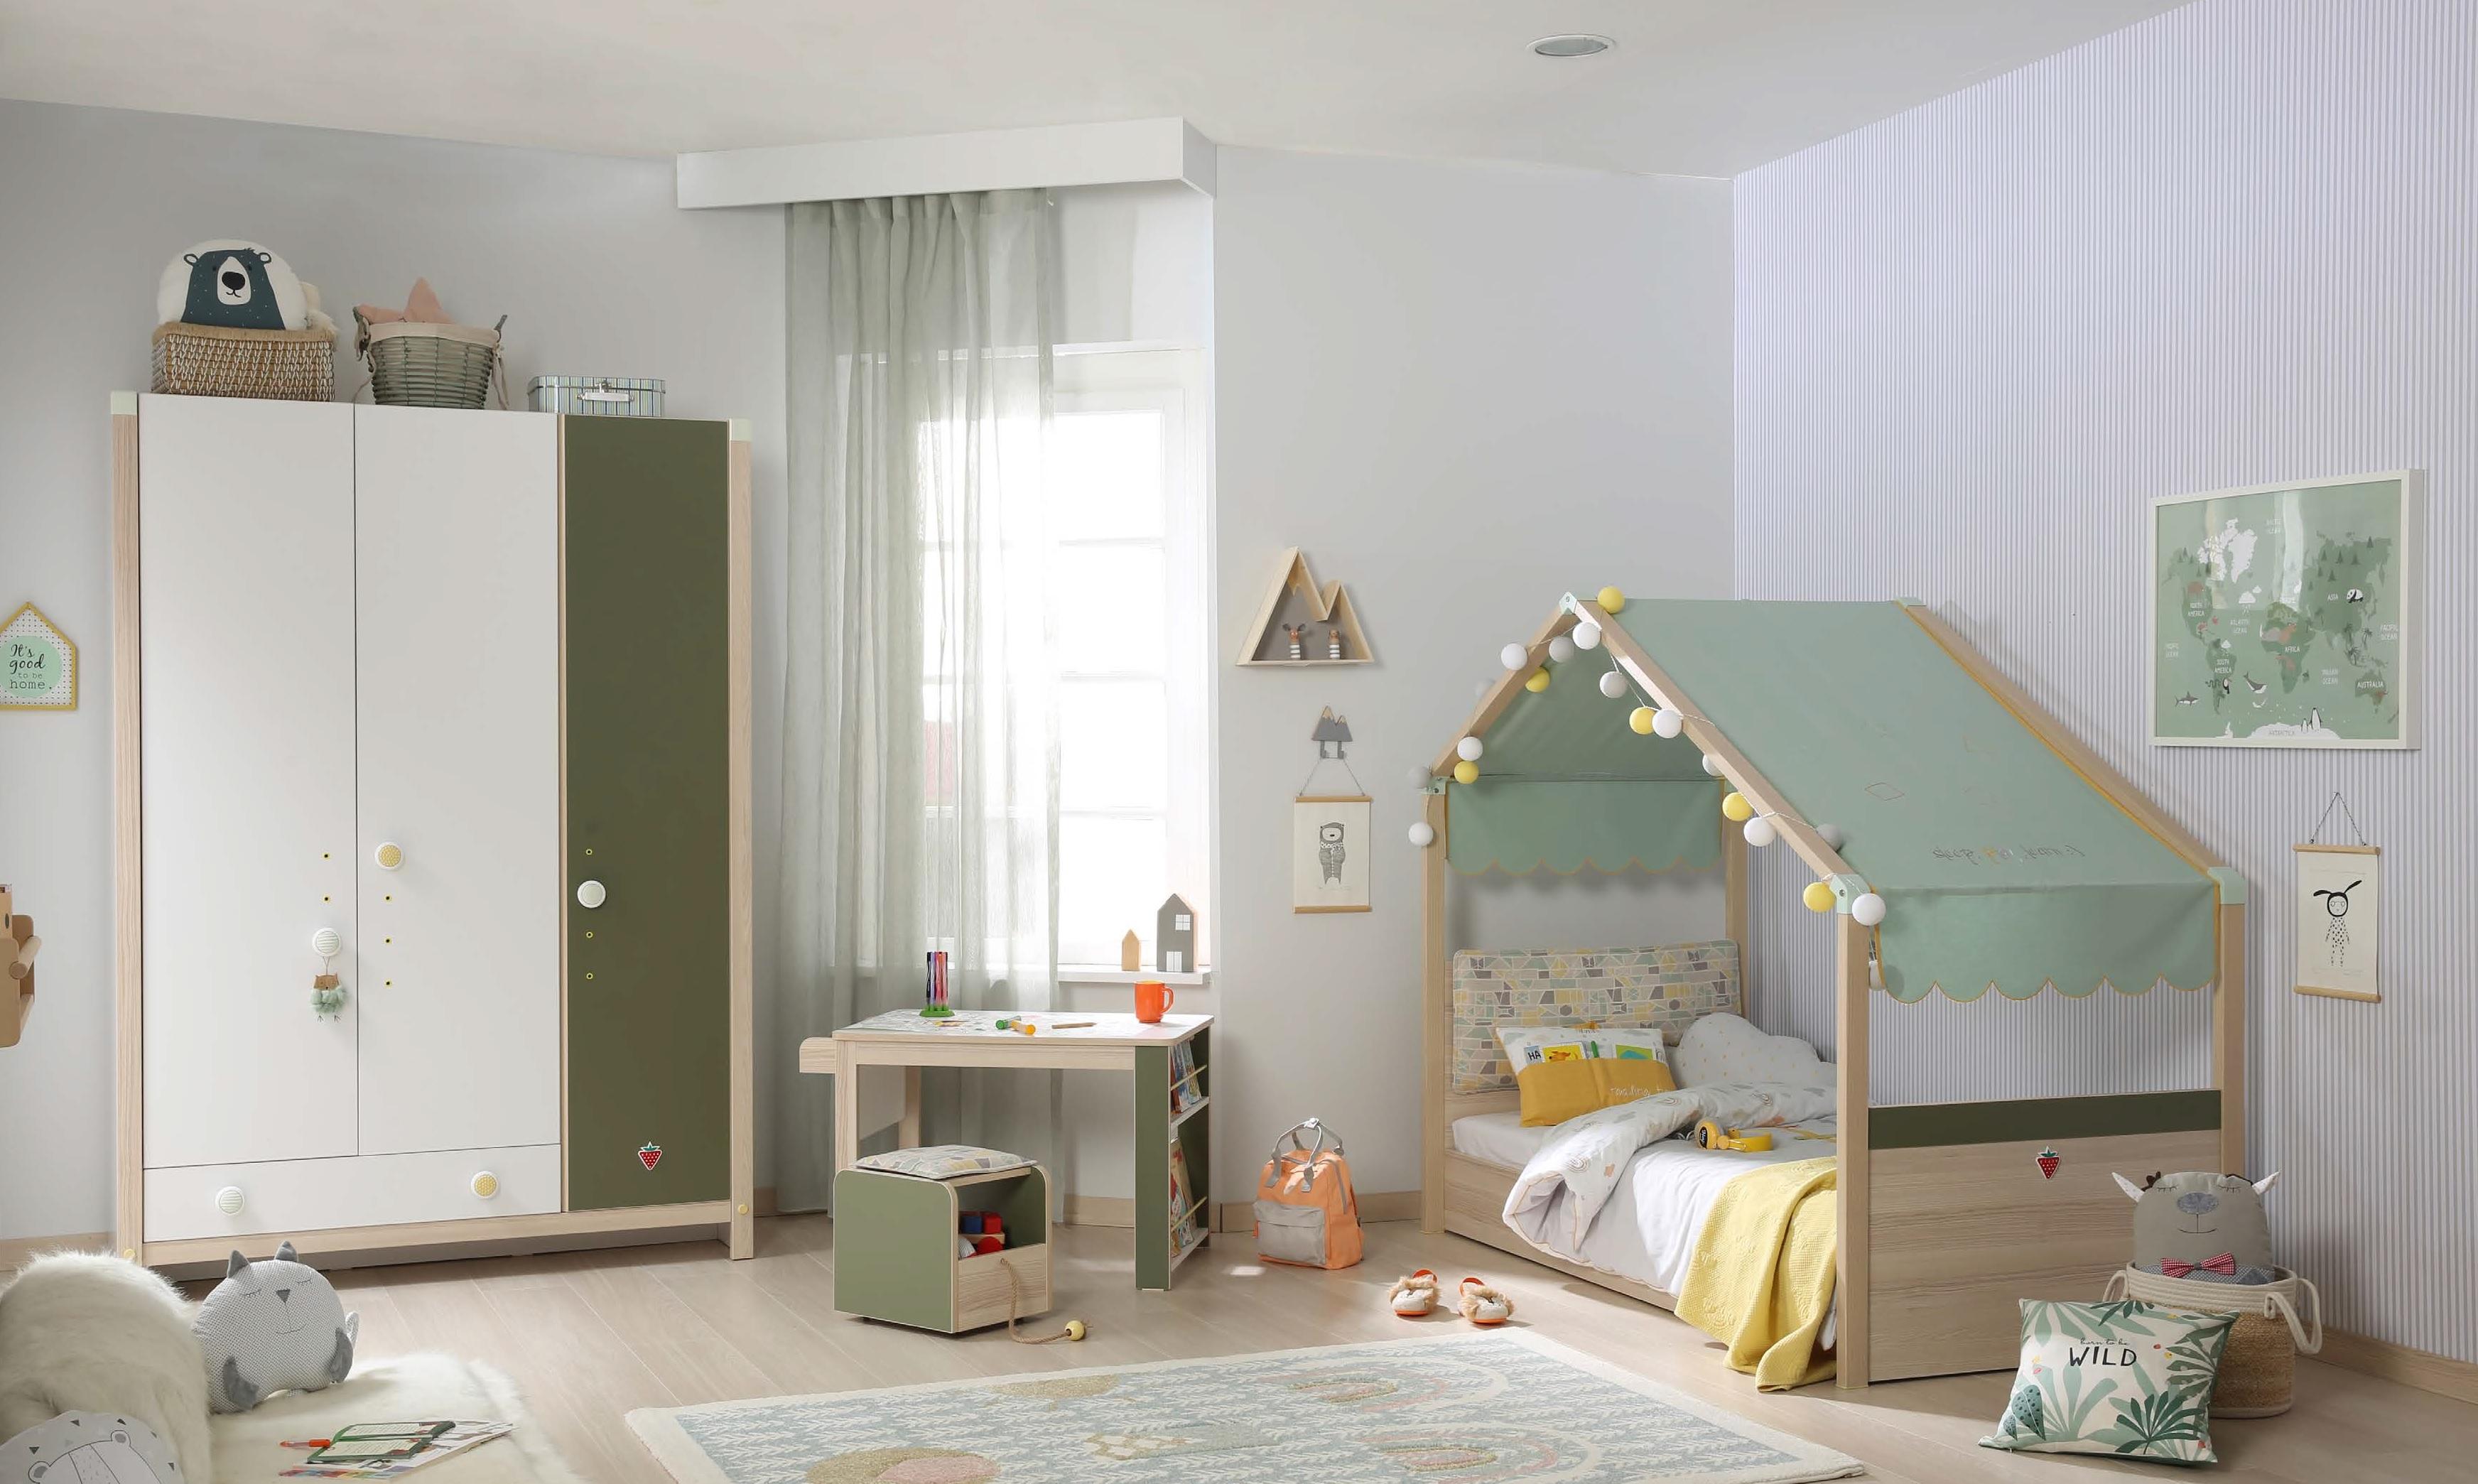 Interaktivní dětský nábytek Montes